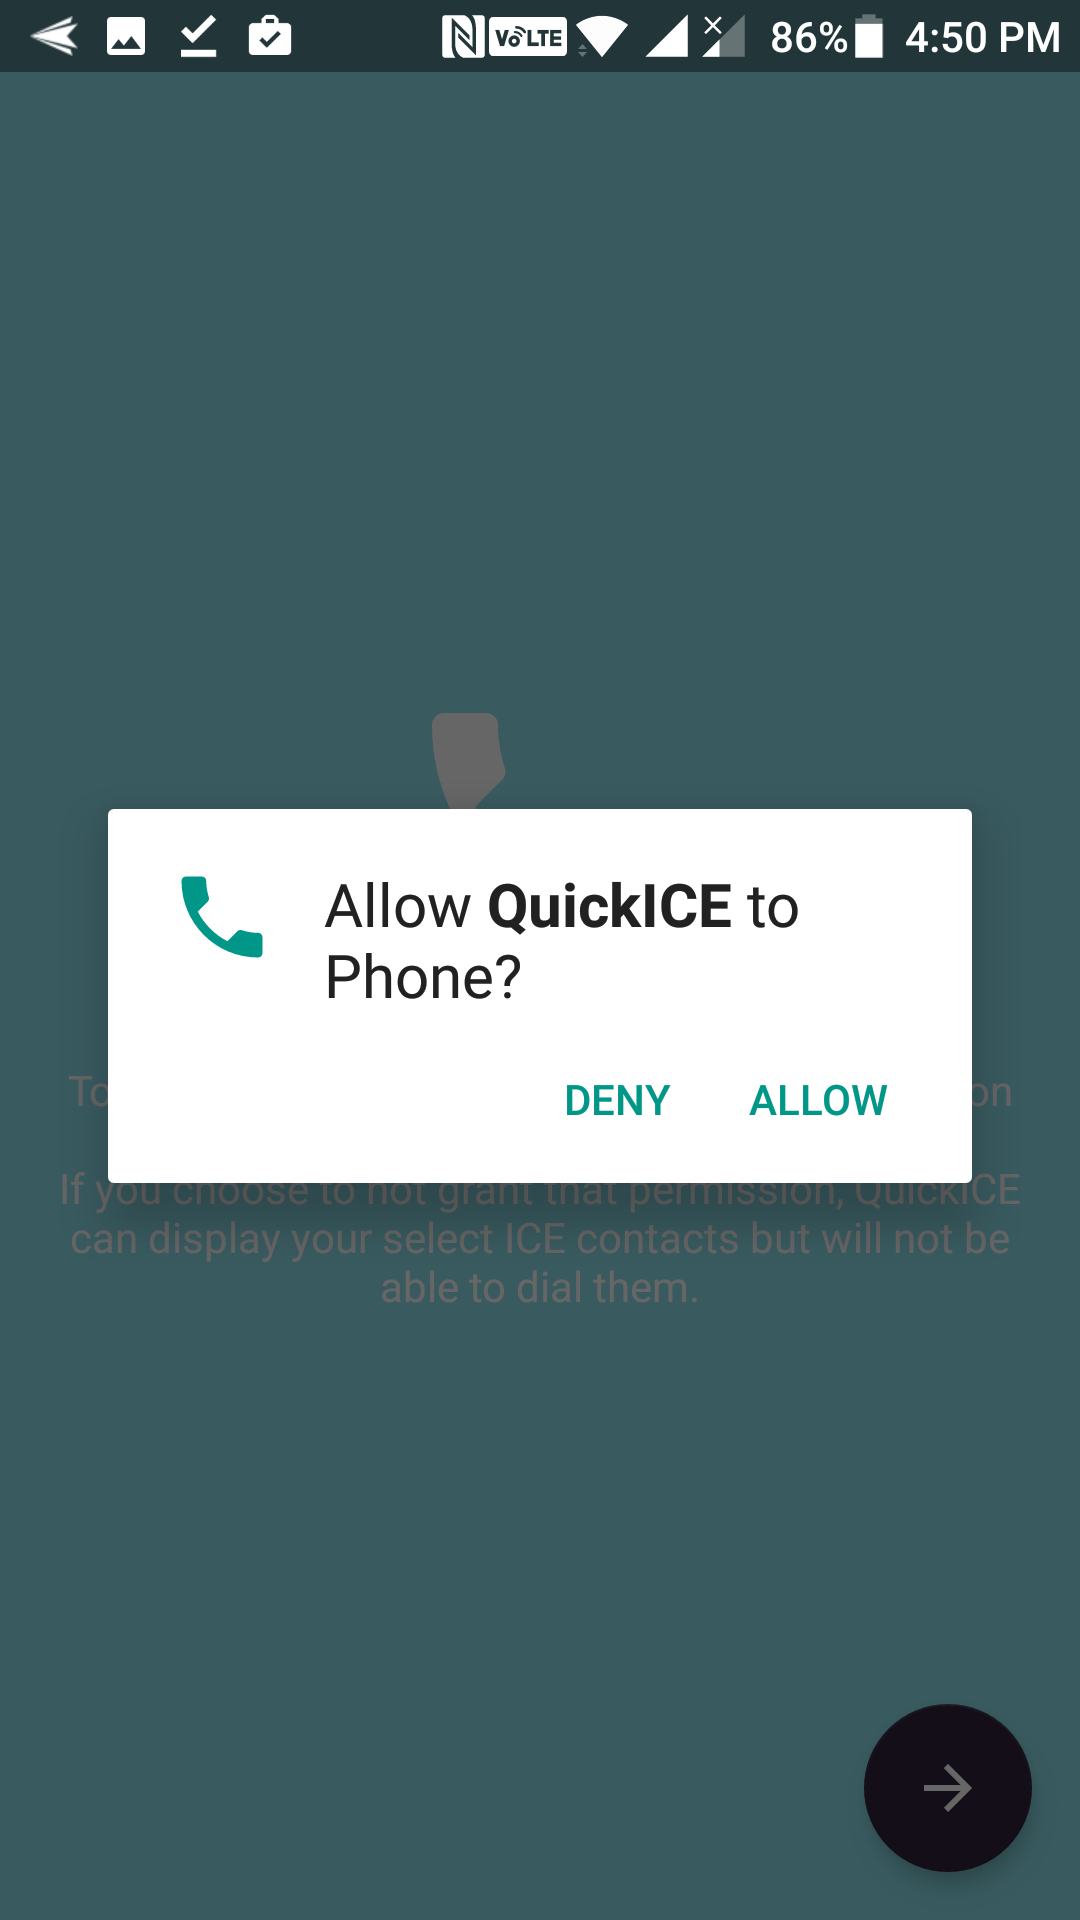 quickice-allow